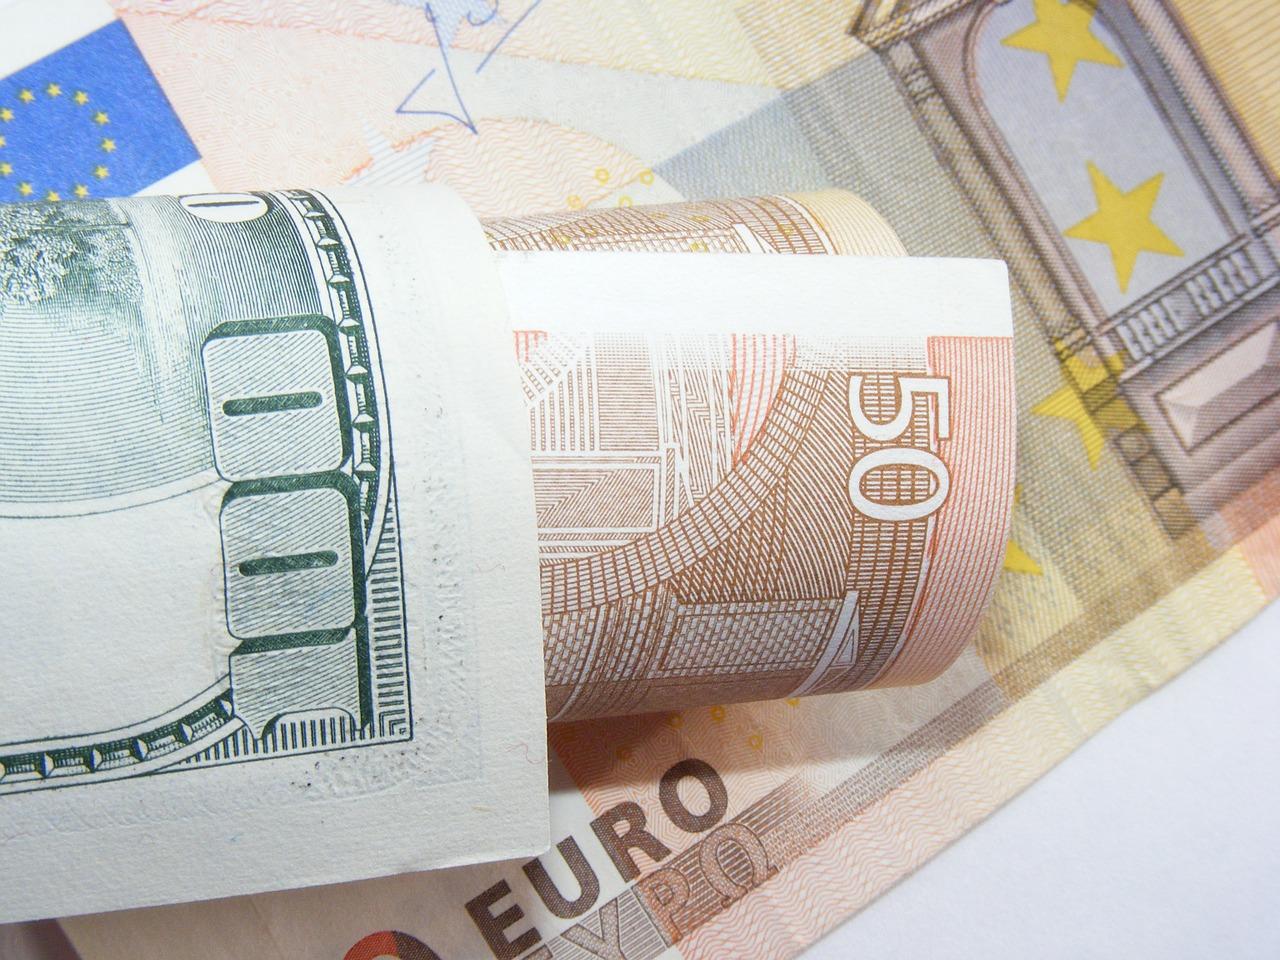 Astuces pour trouver un prêt entre particuliers sérieux